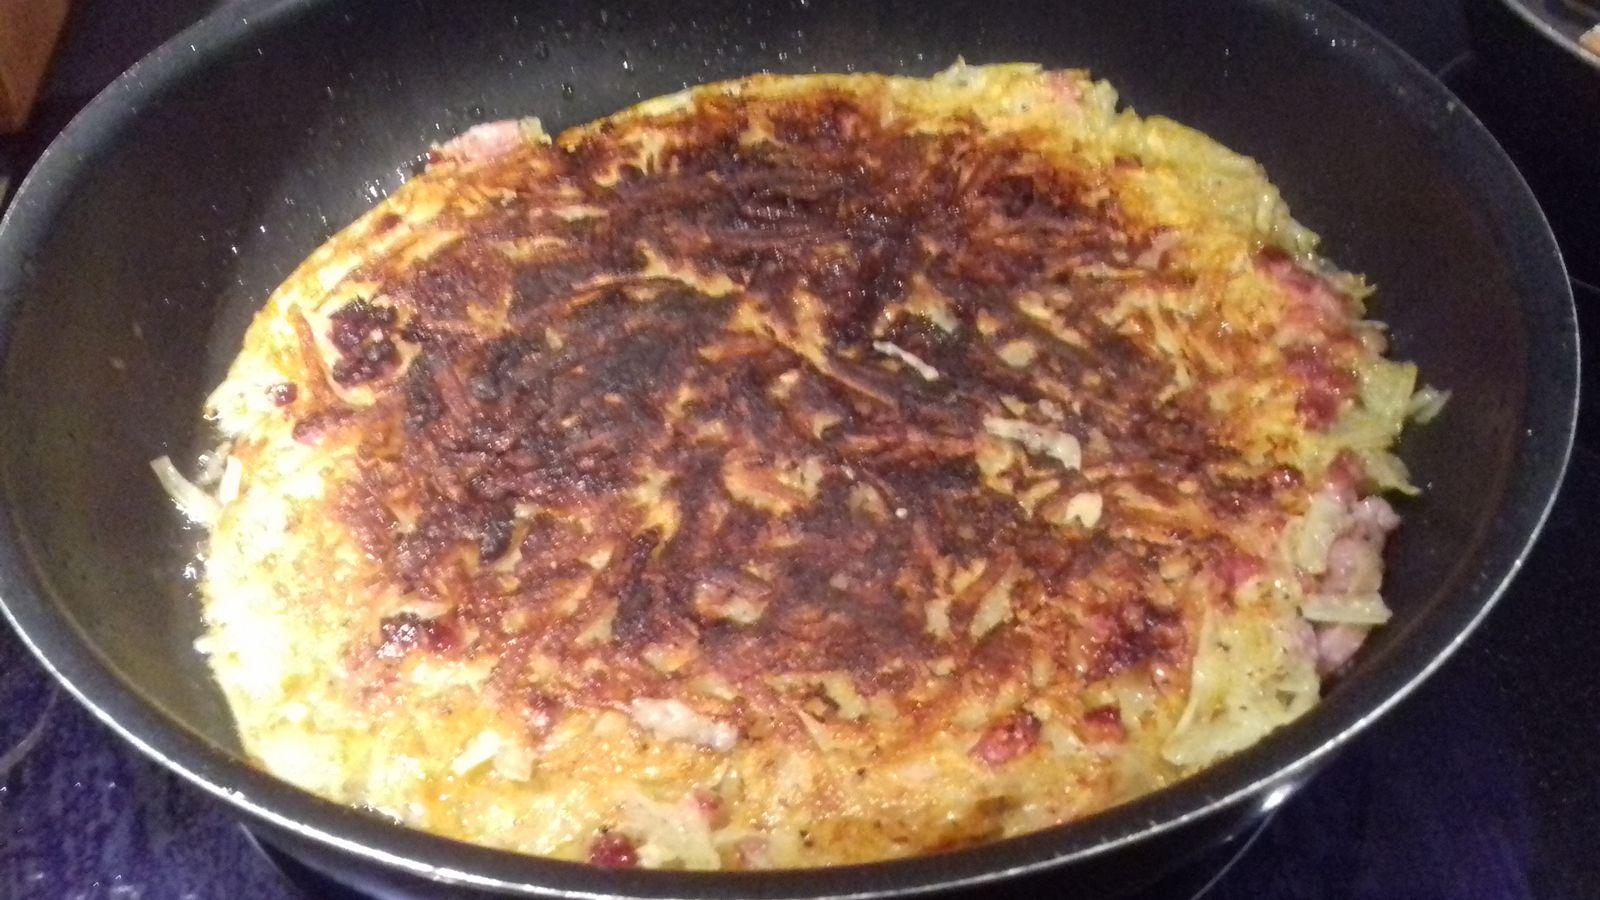 Rösti alsacien: galette de pomme de terre aux oignons et aux lardons